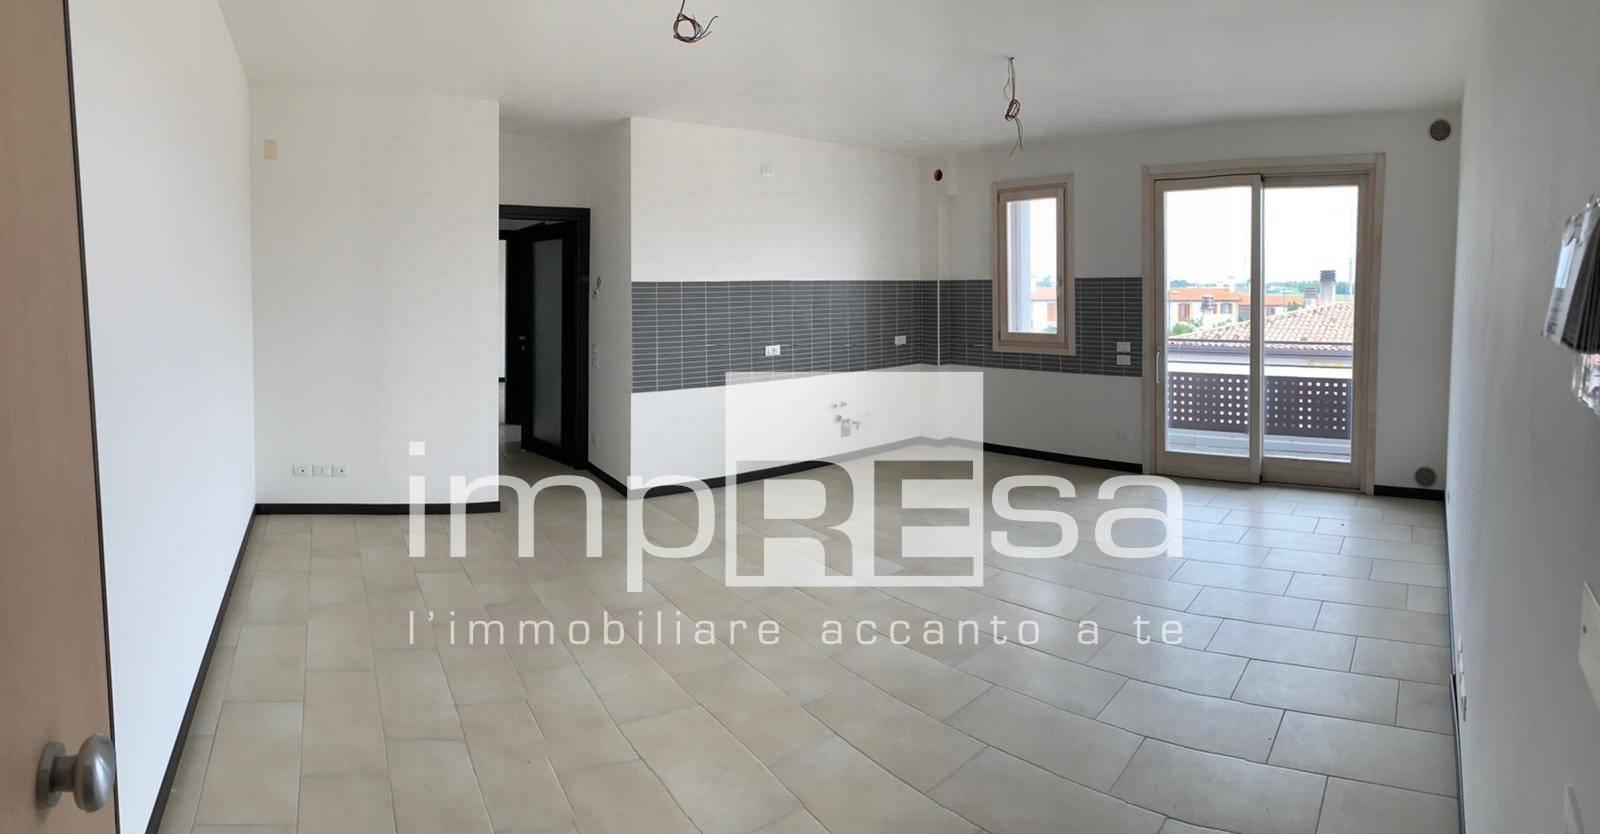 Appartamento in vendita a Marcon, 3 locali, prezzo € 165.000 | PortaleAgenzieImmobiliari.it